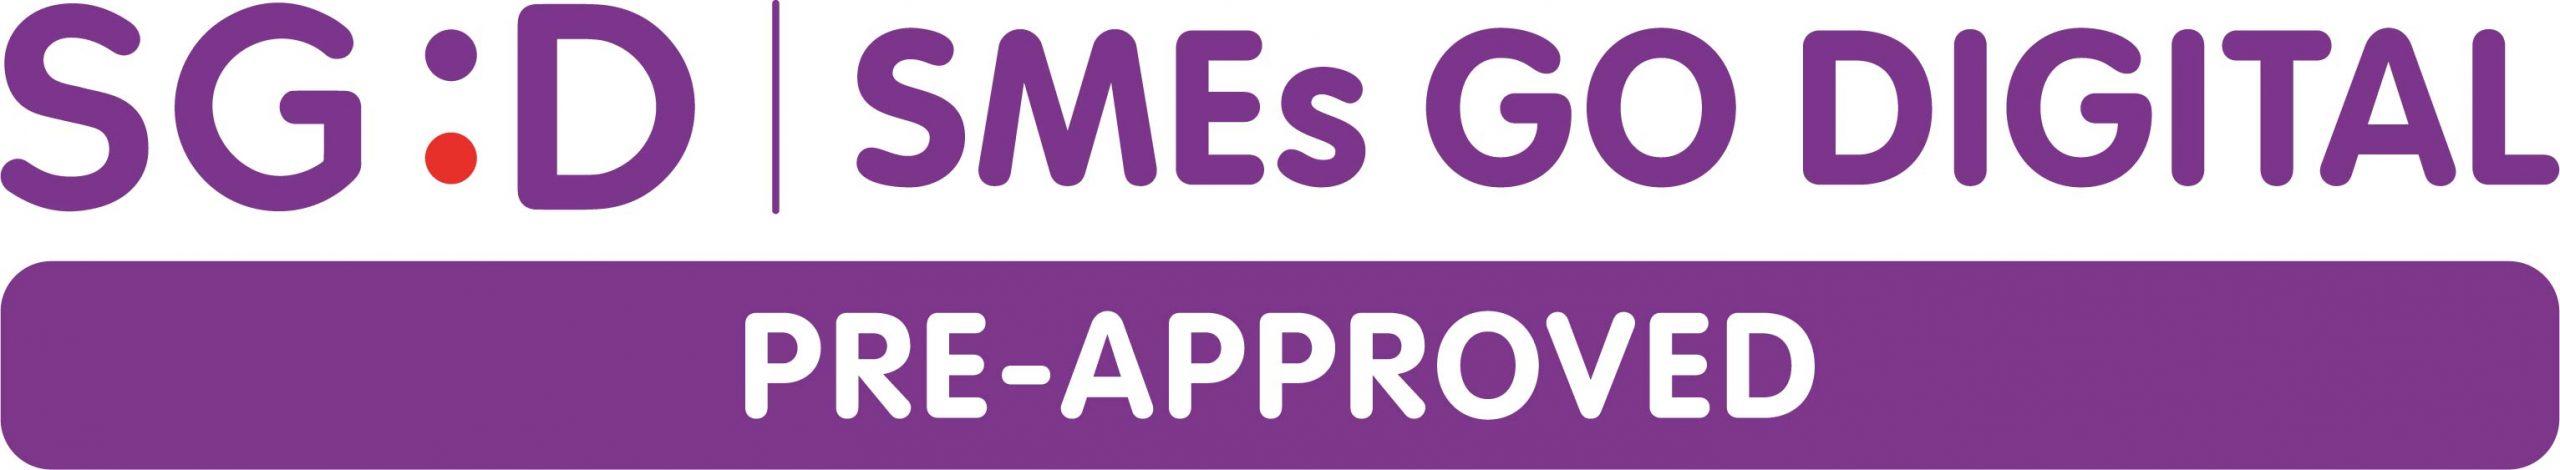 SGD SMEs Go Digital Pre-Approved Logo